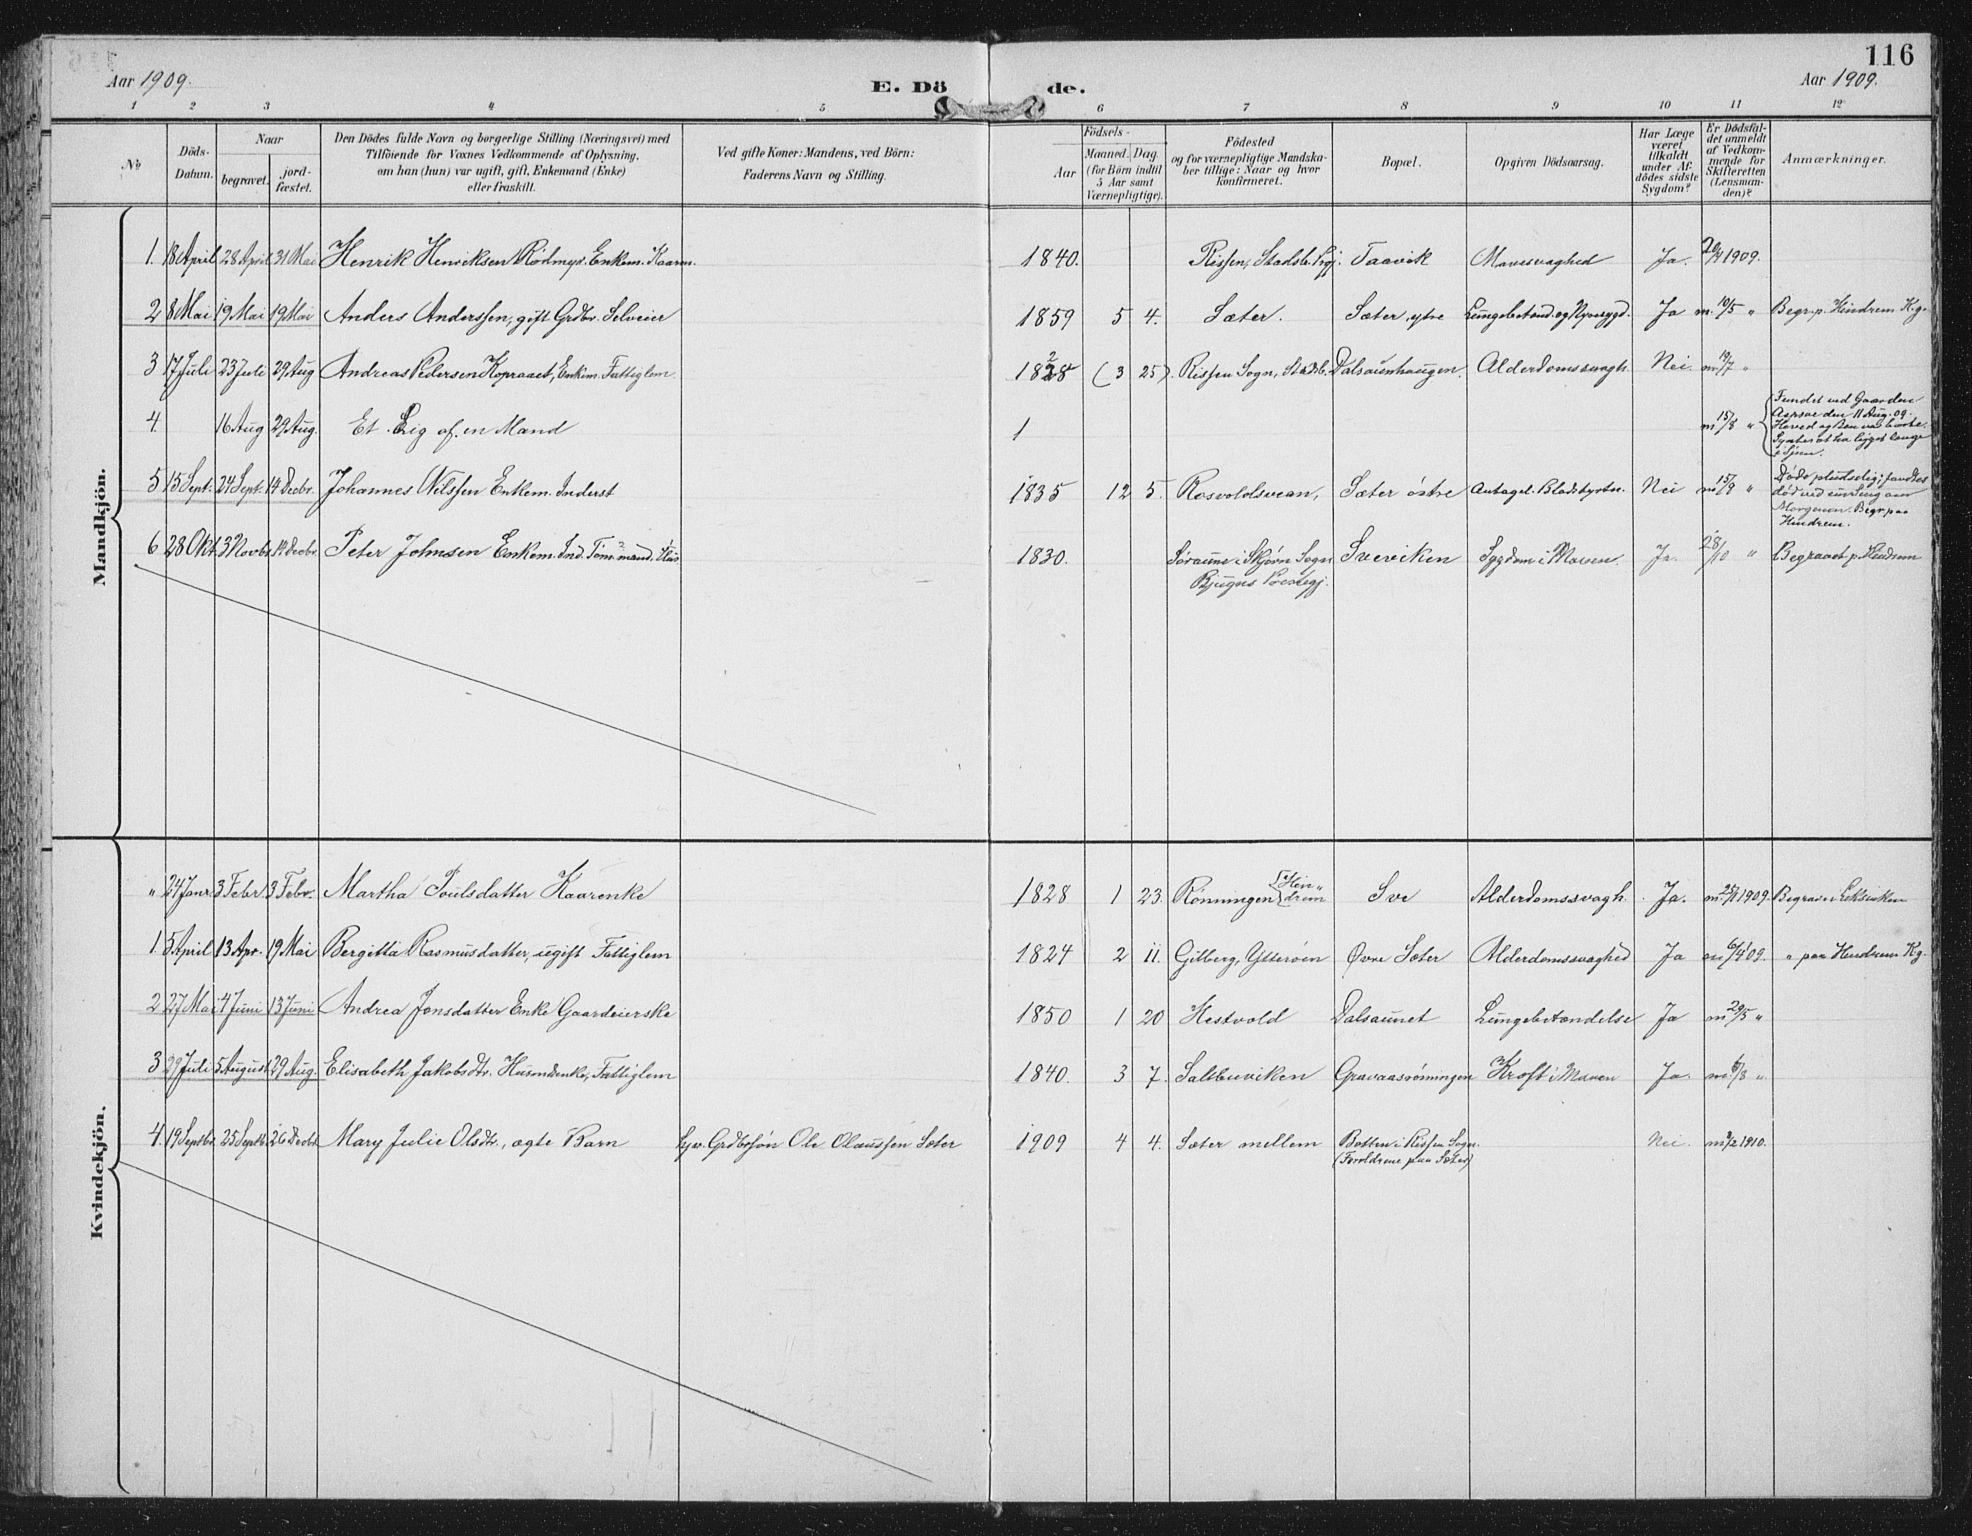 SAT, Ministerialprotokoller, klokkerbøker og fødselsregistre - Nord-Trøndelag, 702/L0024: Ministerialbok nr. 702A02, 1898-1914, s. 116